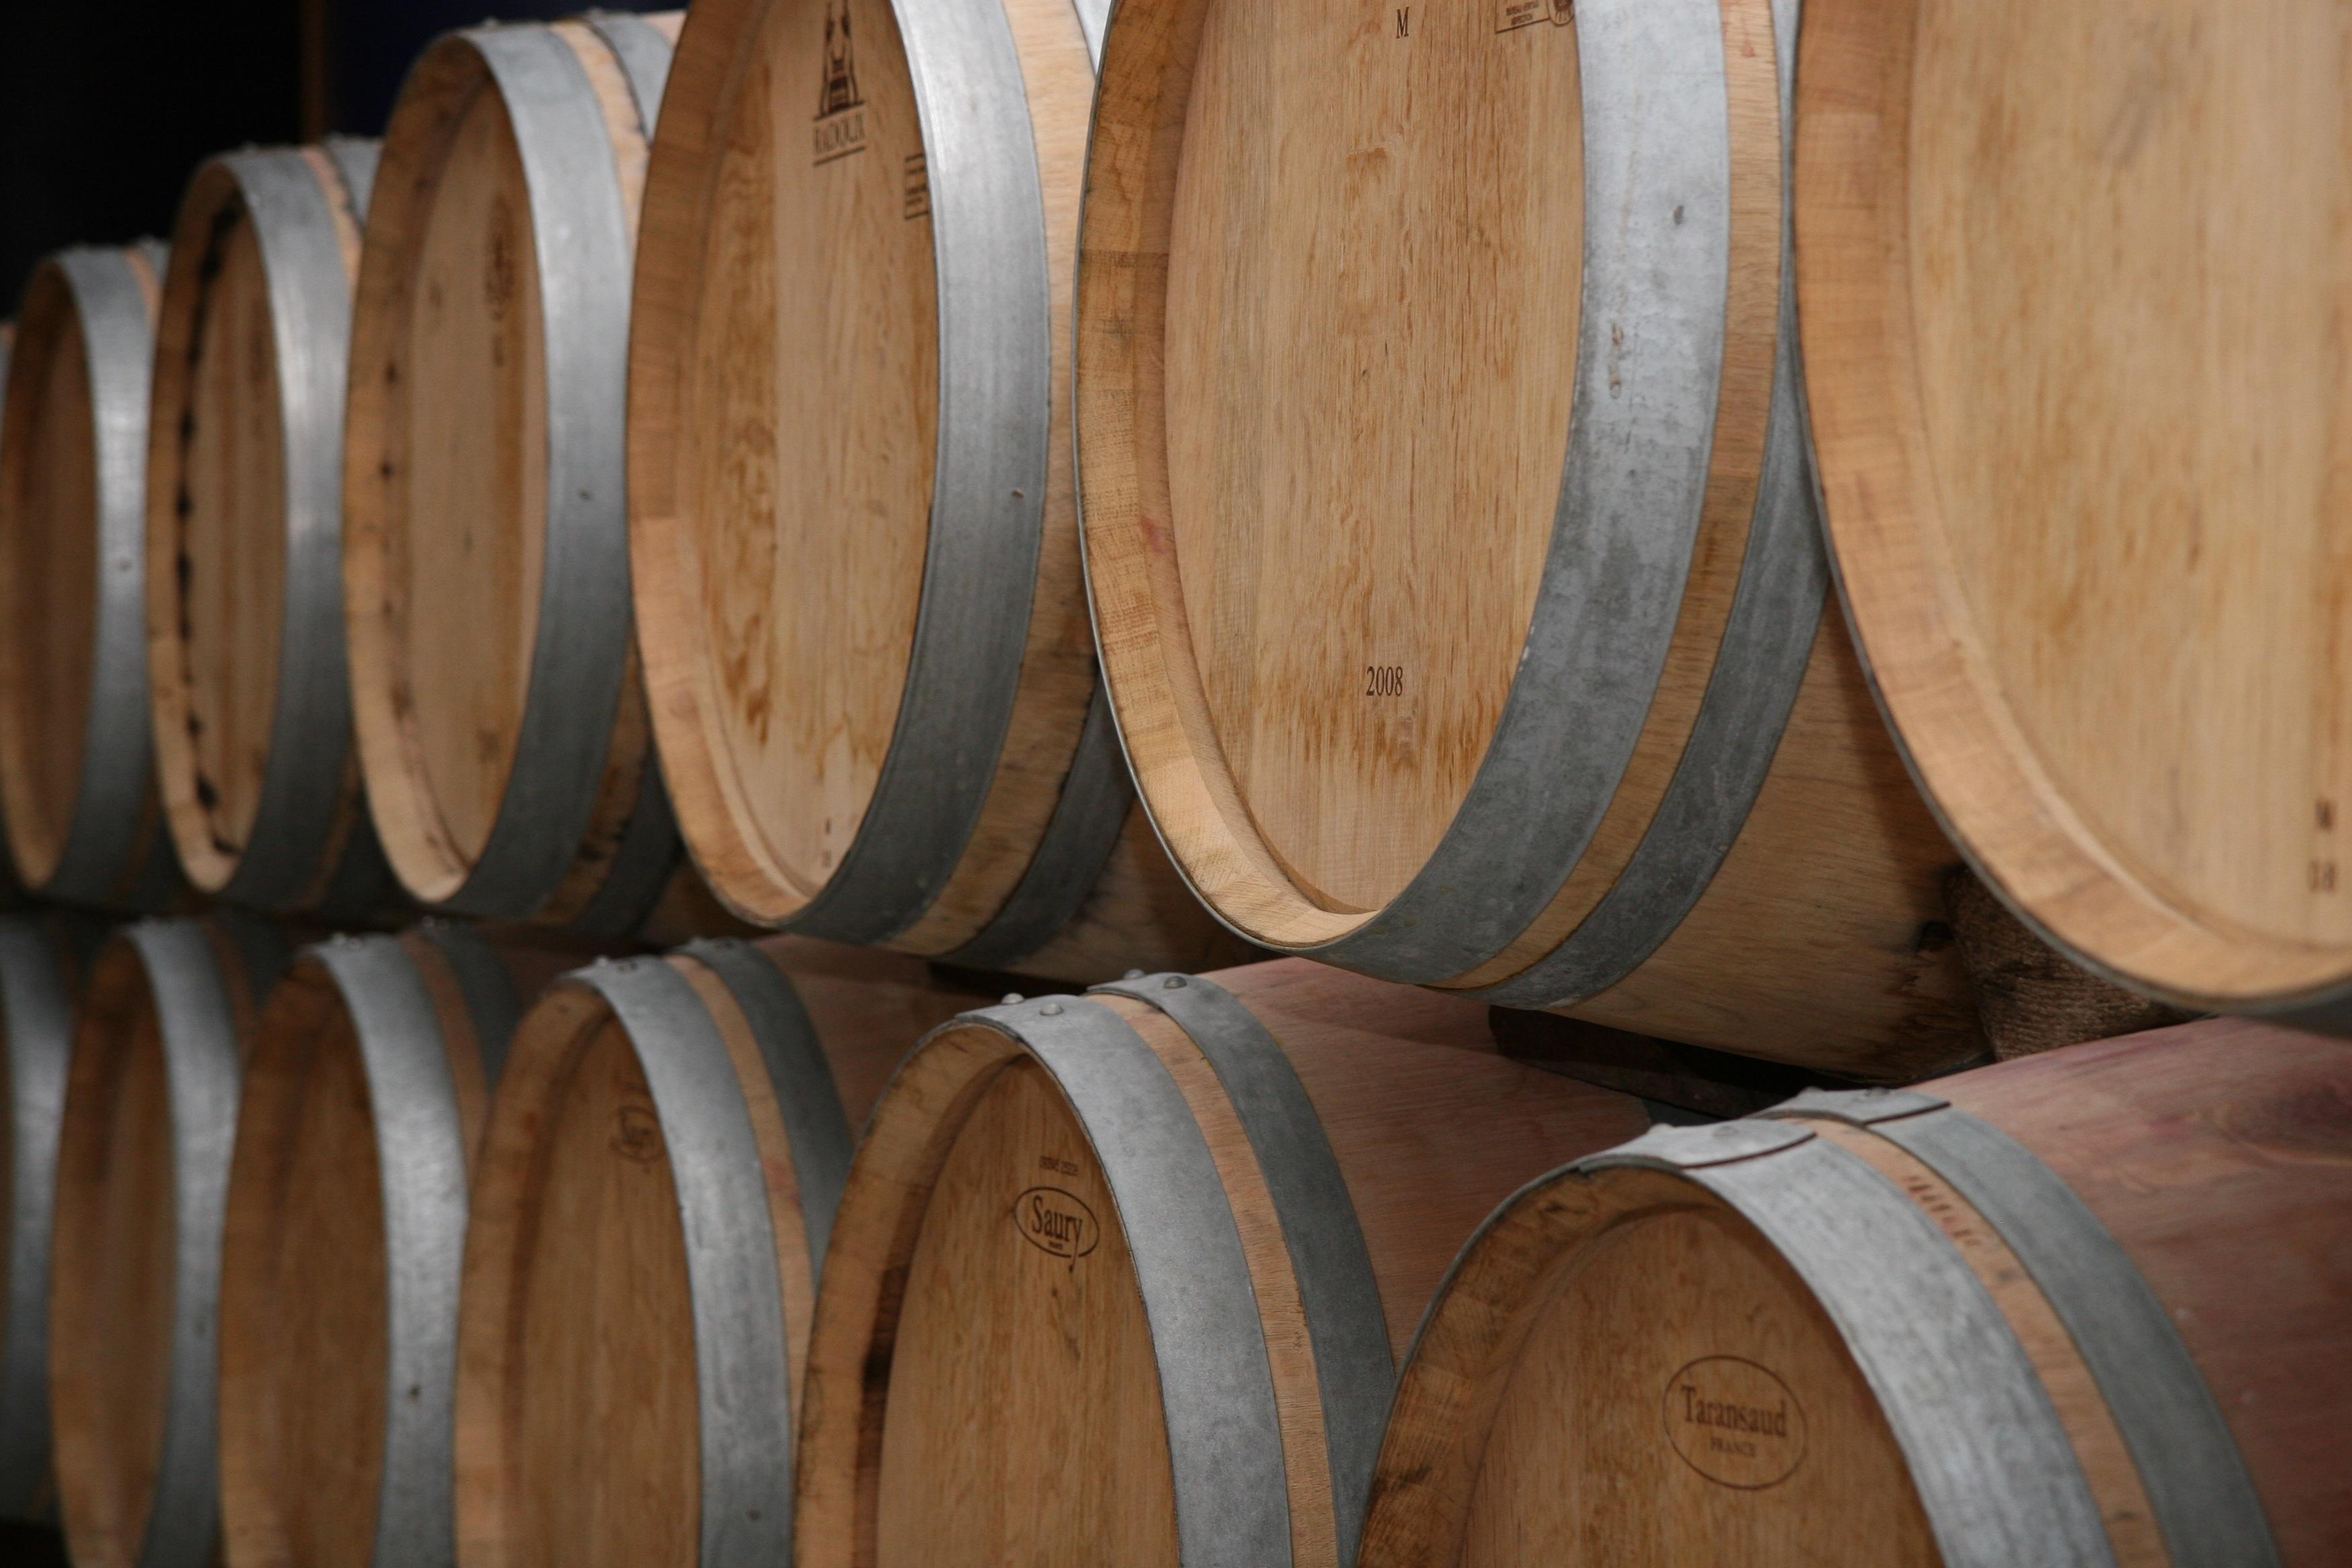 Une Cave A Vin file:tonneaux rempli de vin dans une cave (19567343322)